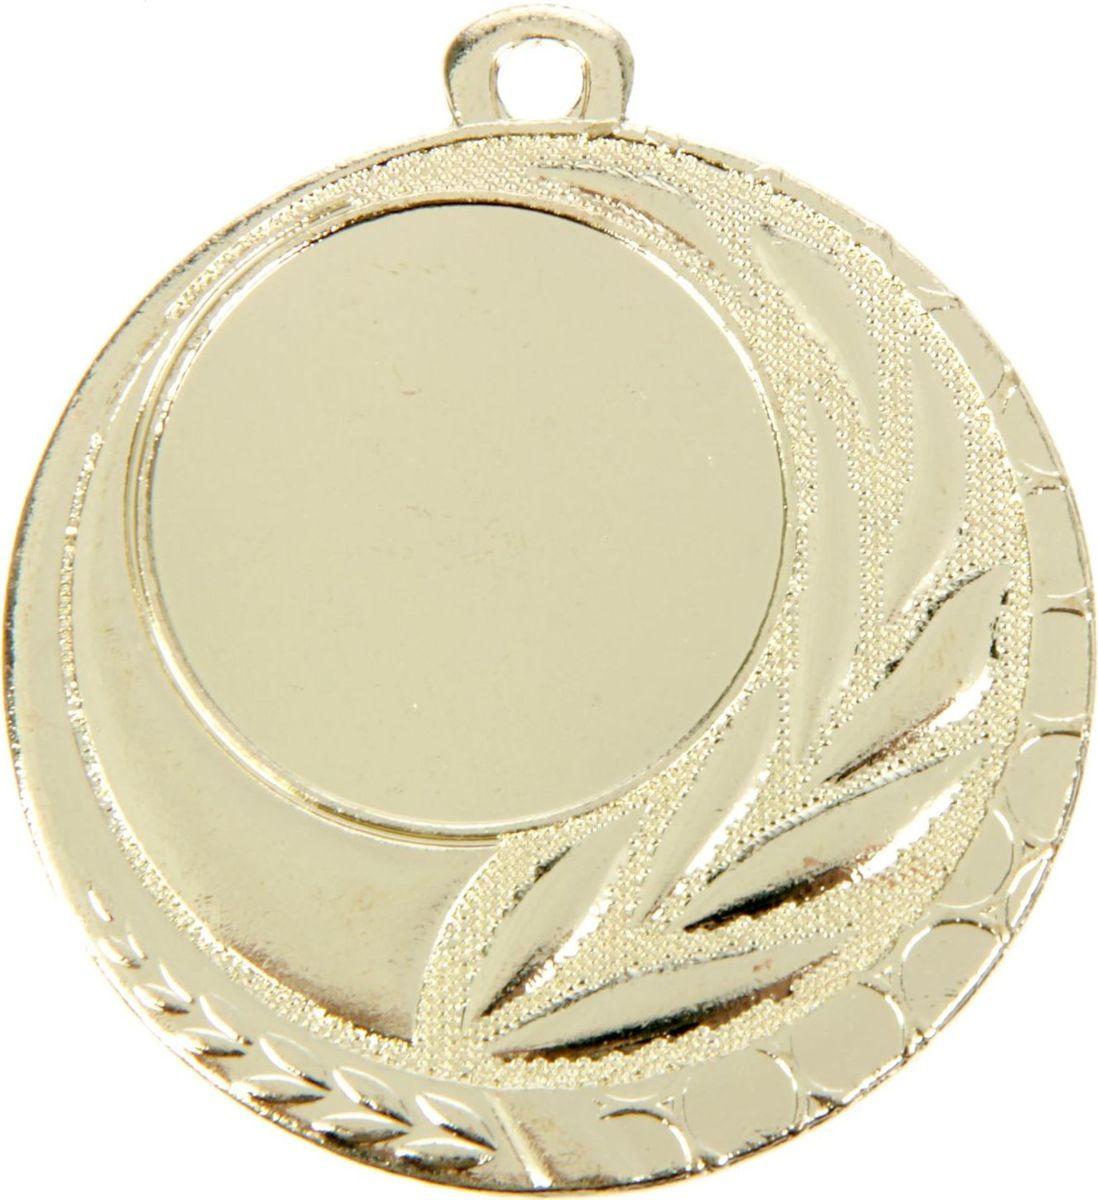 Медаль сувенирная с местом для гравировки, цвет: золотистый, диаметр 5 см. 0421387688Пусть любая победа будет отмечена соответствующей наградой! Медаль — знак отличия, которым награждают самых достойных. Она вручается лишь тем, кто проявил настойчивость и волю к победе. Каждое достижение — это важное событие, которое должно остаться в памяти на долгие годы. изготовлена из металла, в комплект входит лента цвета триколор, являющегося одним из государственных символов России. Характеристики: Диаметр медали: 5 см Диаметр вкладыша (лицо): 2,5 см Диаметр вкладыша (оборот): 4 см